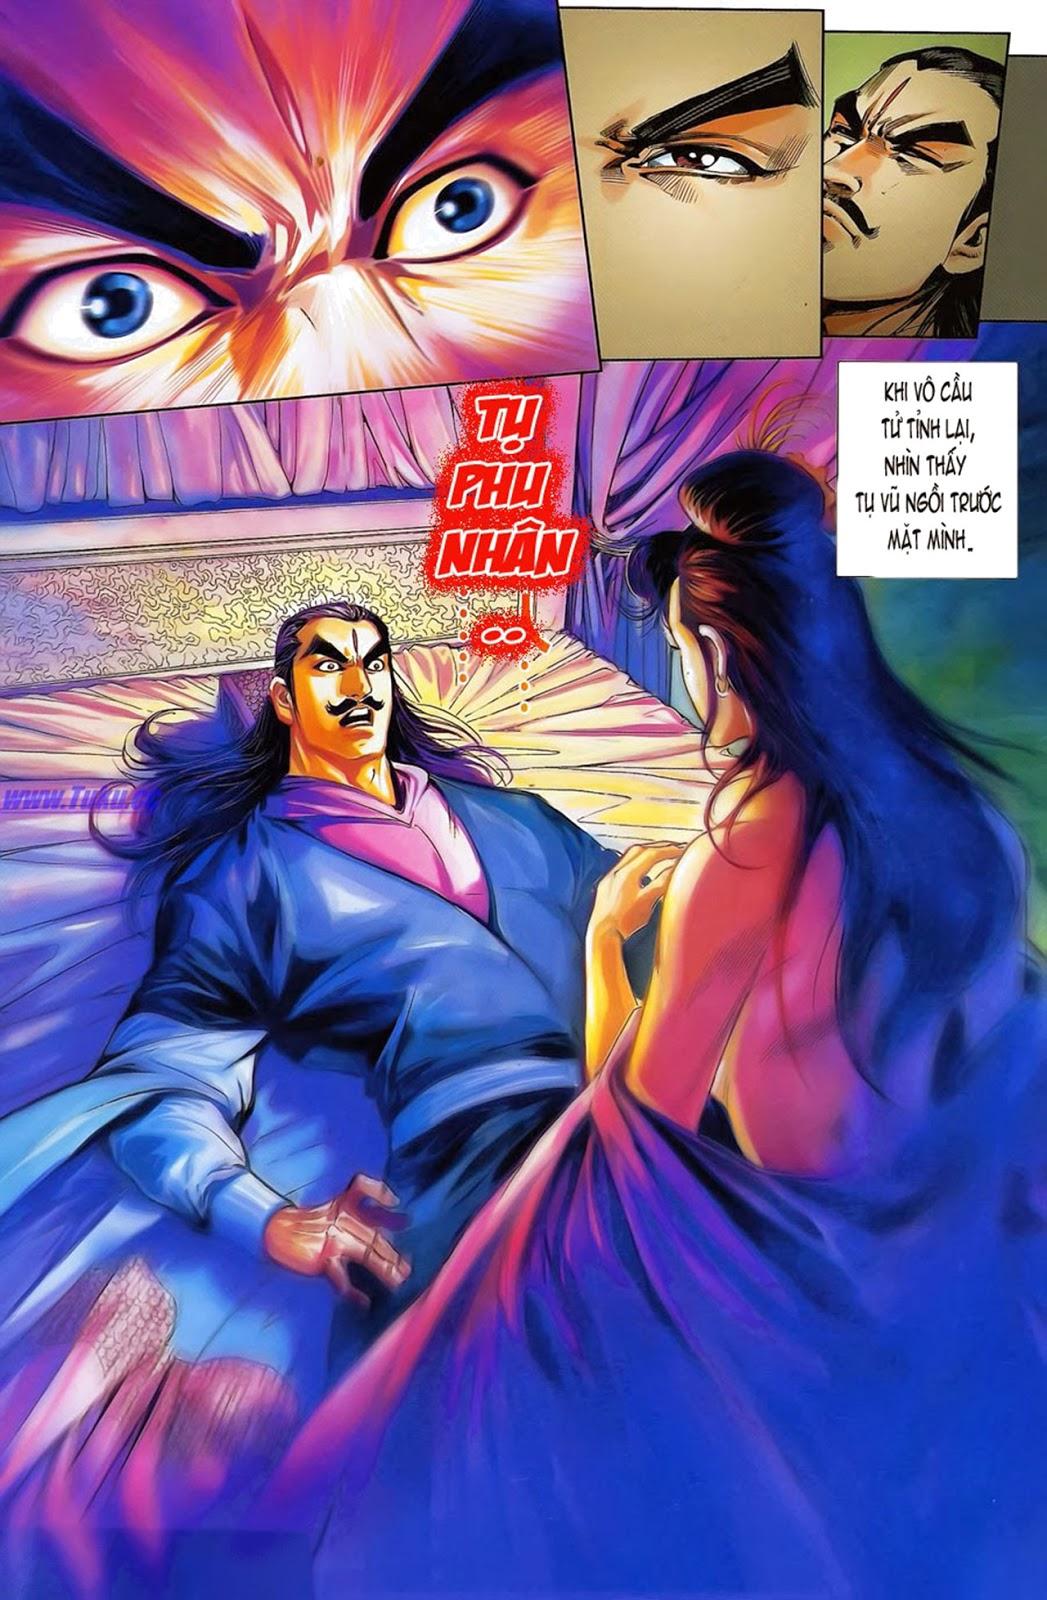 Tần Vương Doanh Chính chapter 15 trang 30